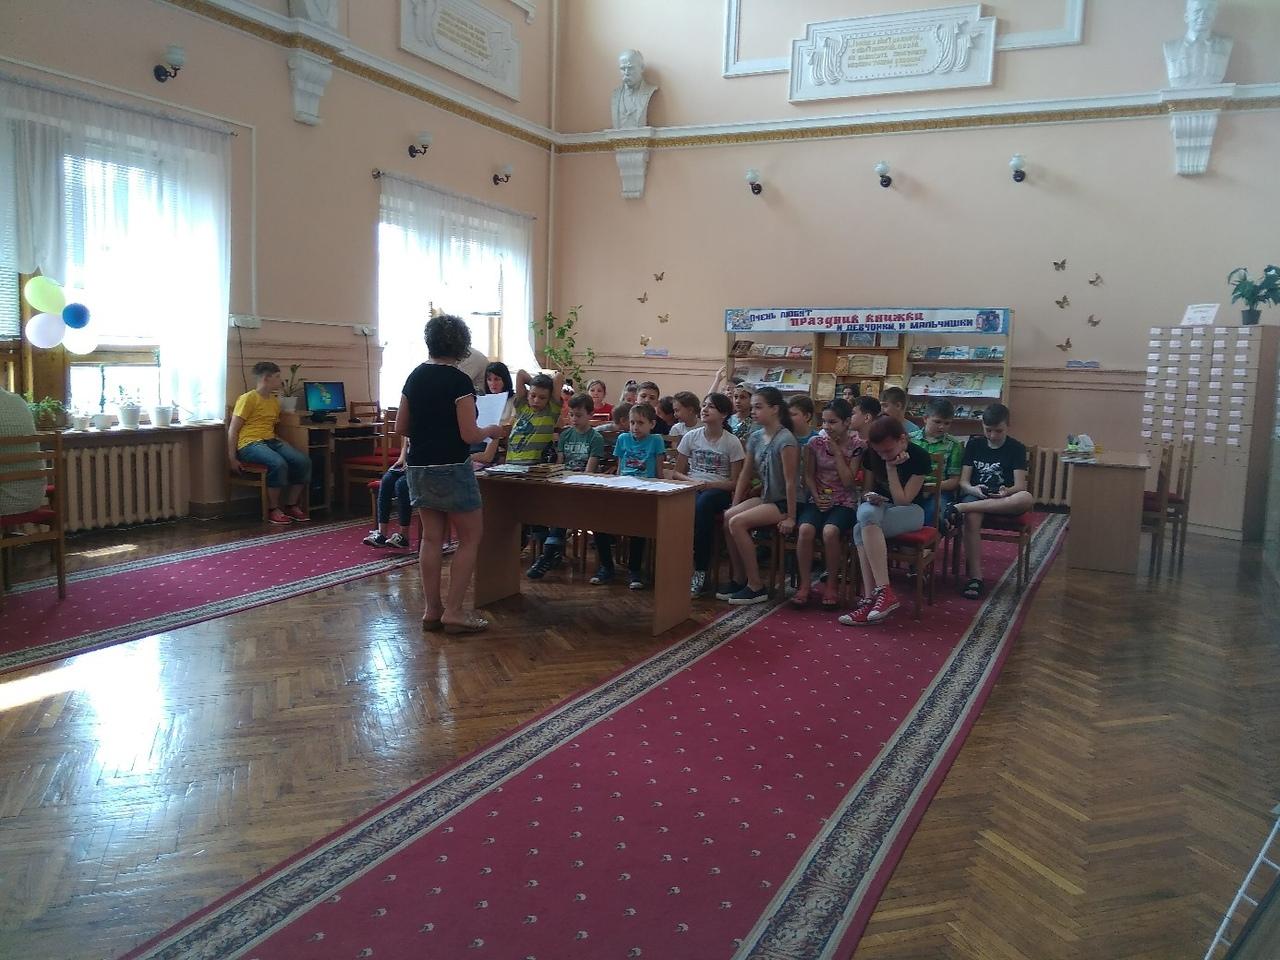 летняя пора,  каникулы в библиотеке, отдел обслуживания учащихся 5-9 классов, Донецкая републиканская библиотека для детей, лето в библиотеке, работа с пришкольными лагерями